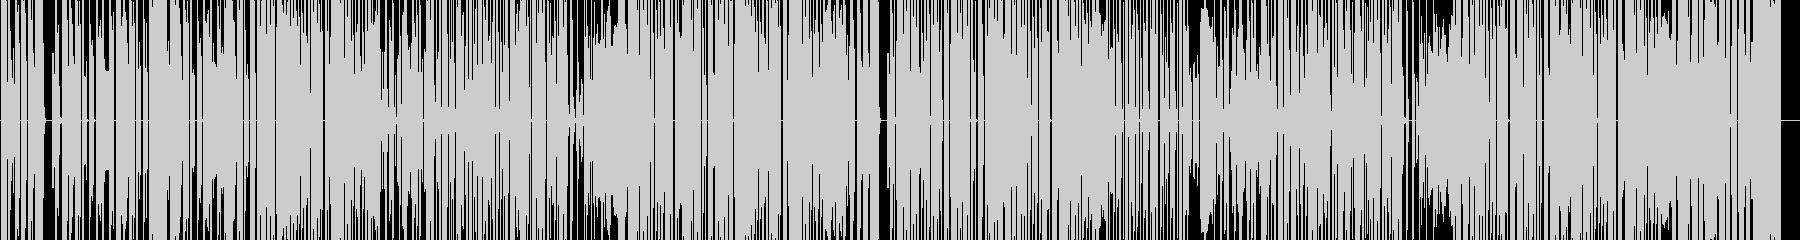 かわいらしくポップな電子音楽の未再生の波形